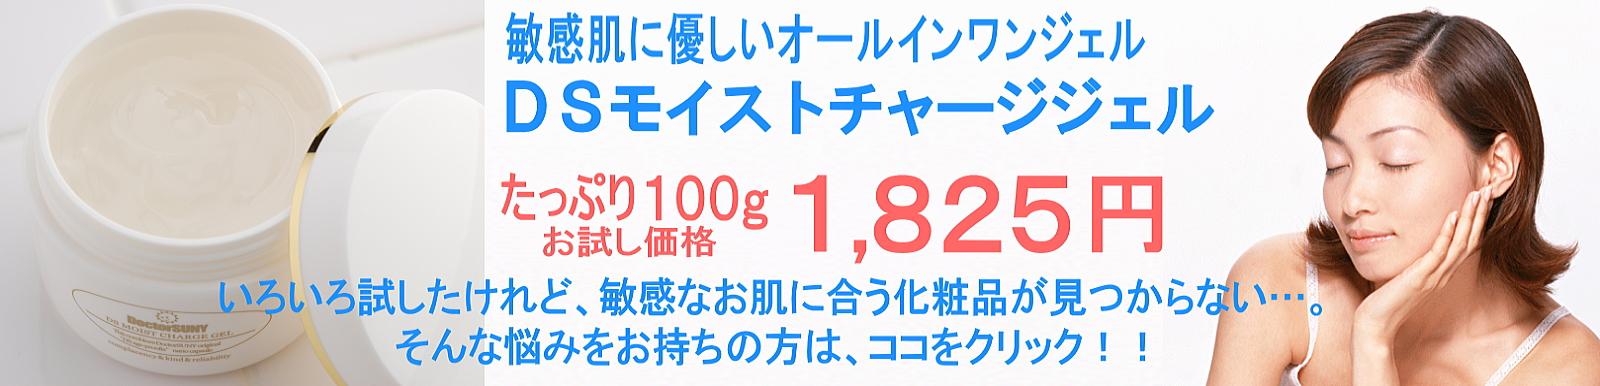 お試し1825円